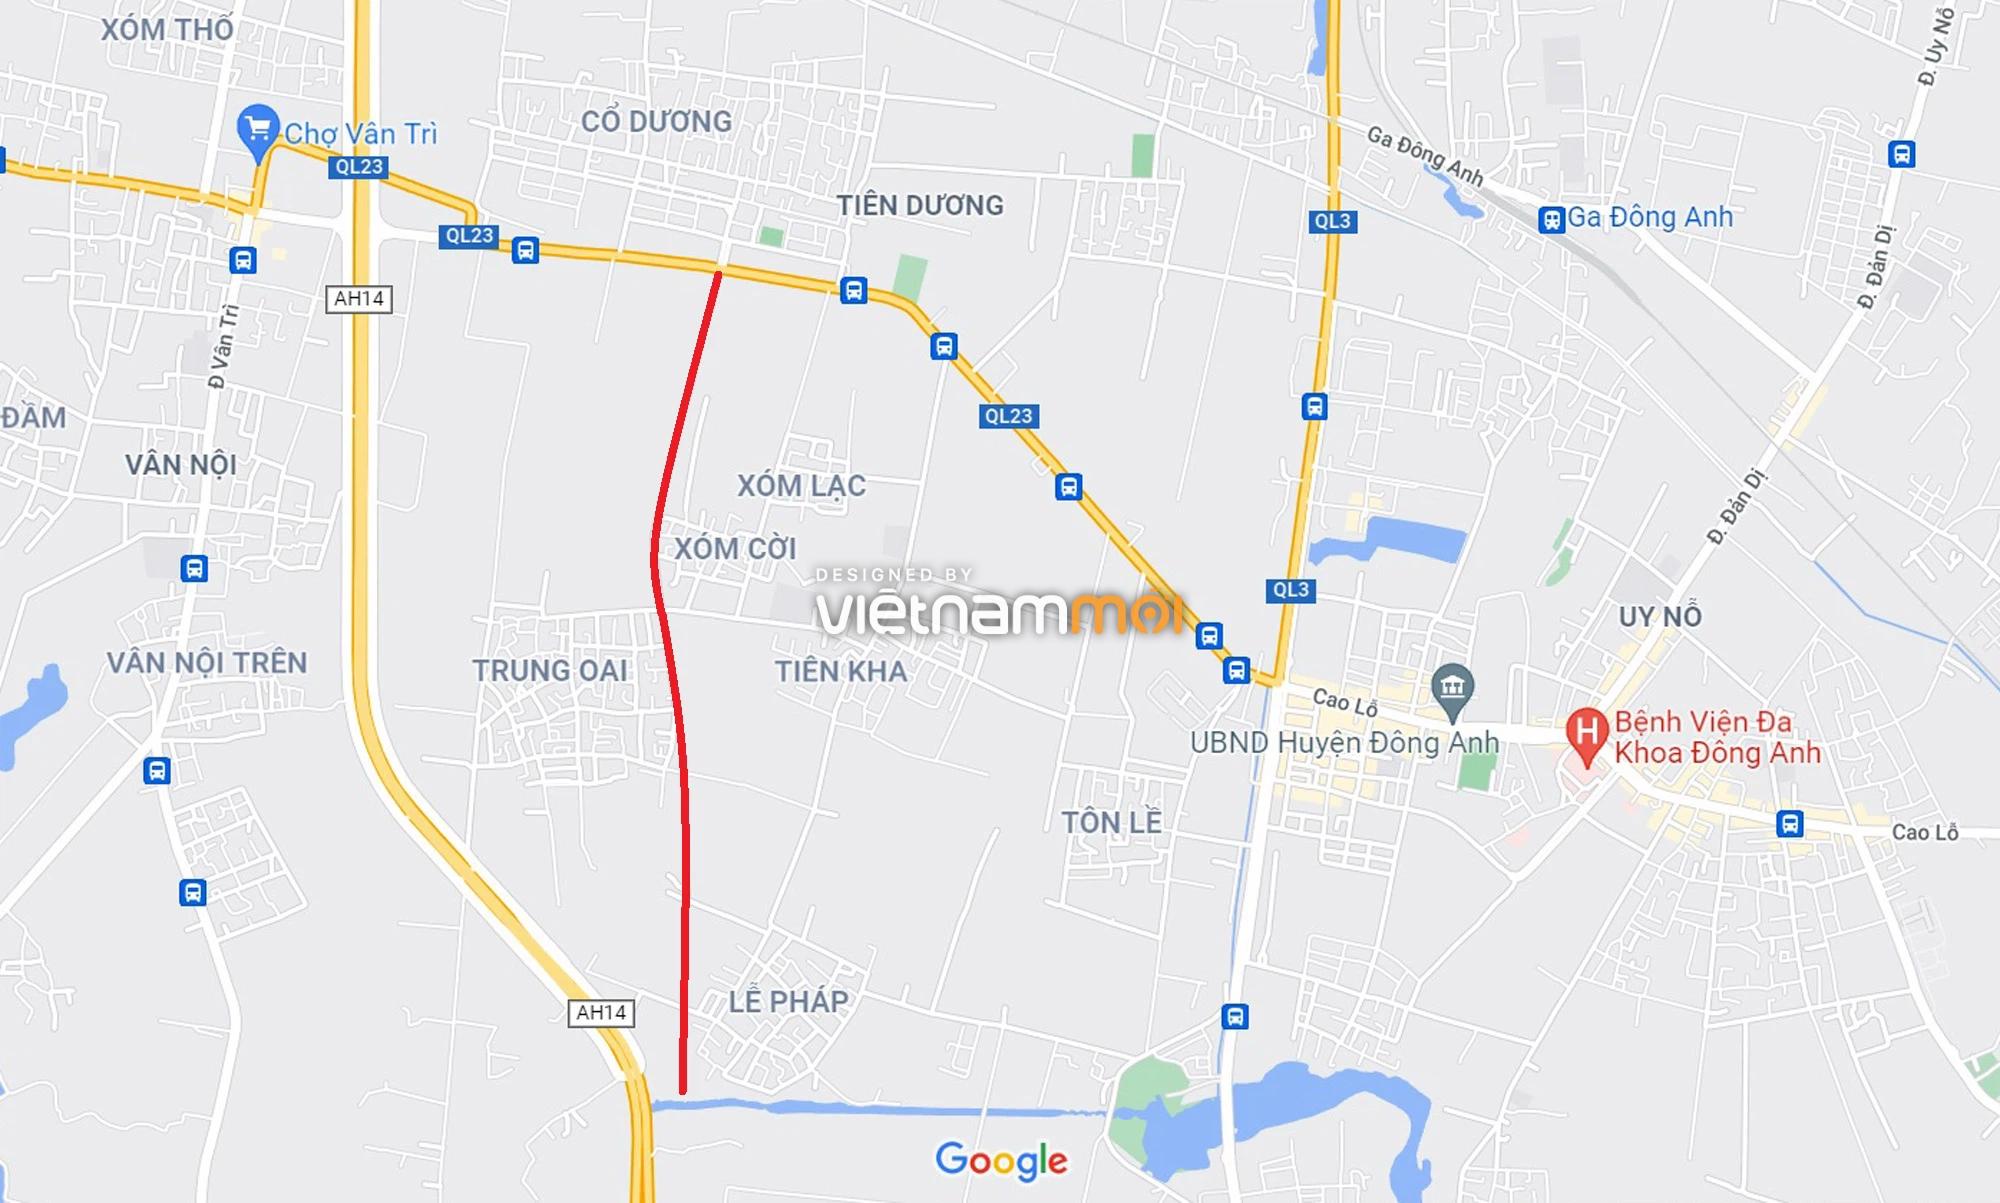 Đường sẽ mở theo quy hoạch xung quanh dự án Thành phố Thông minh Bắc Hà Nội (phần 3) - Ảnh 12.